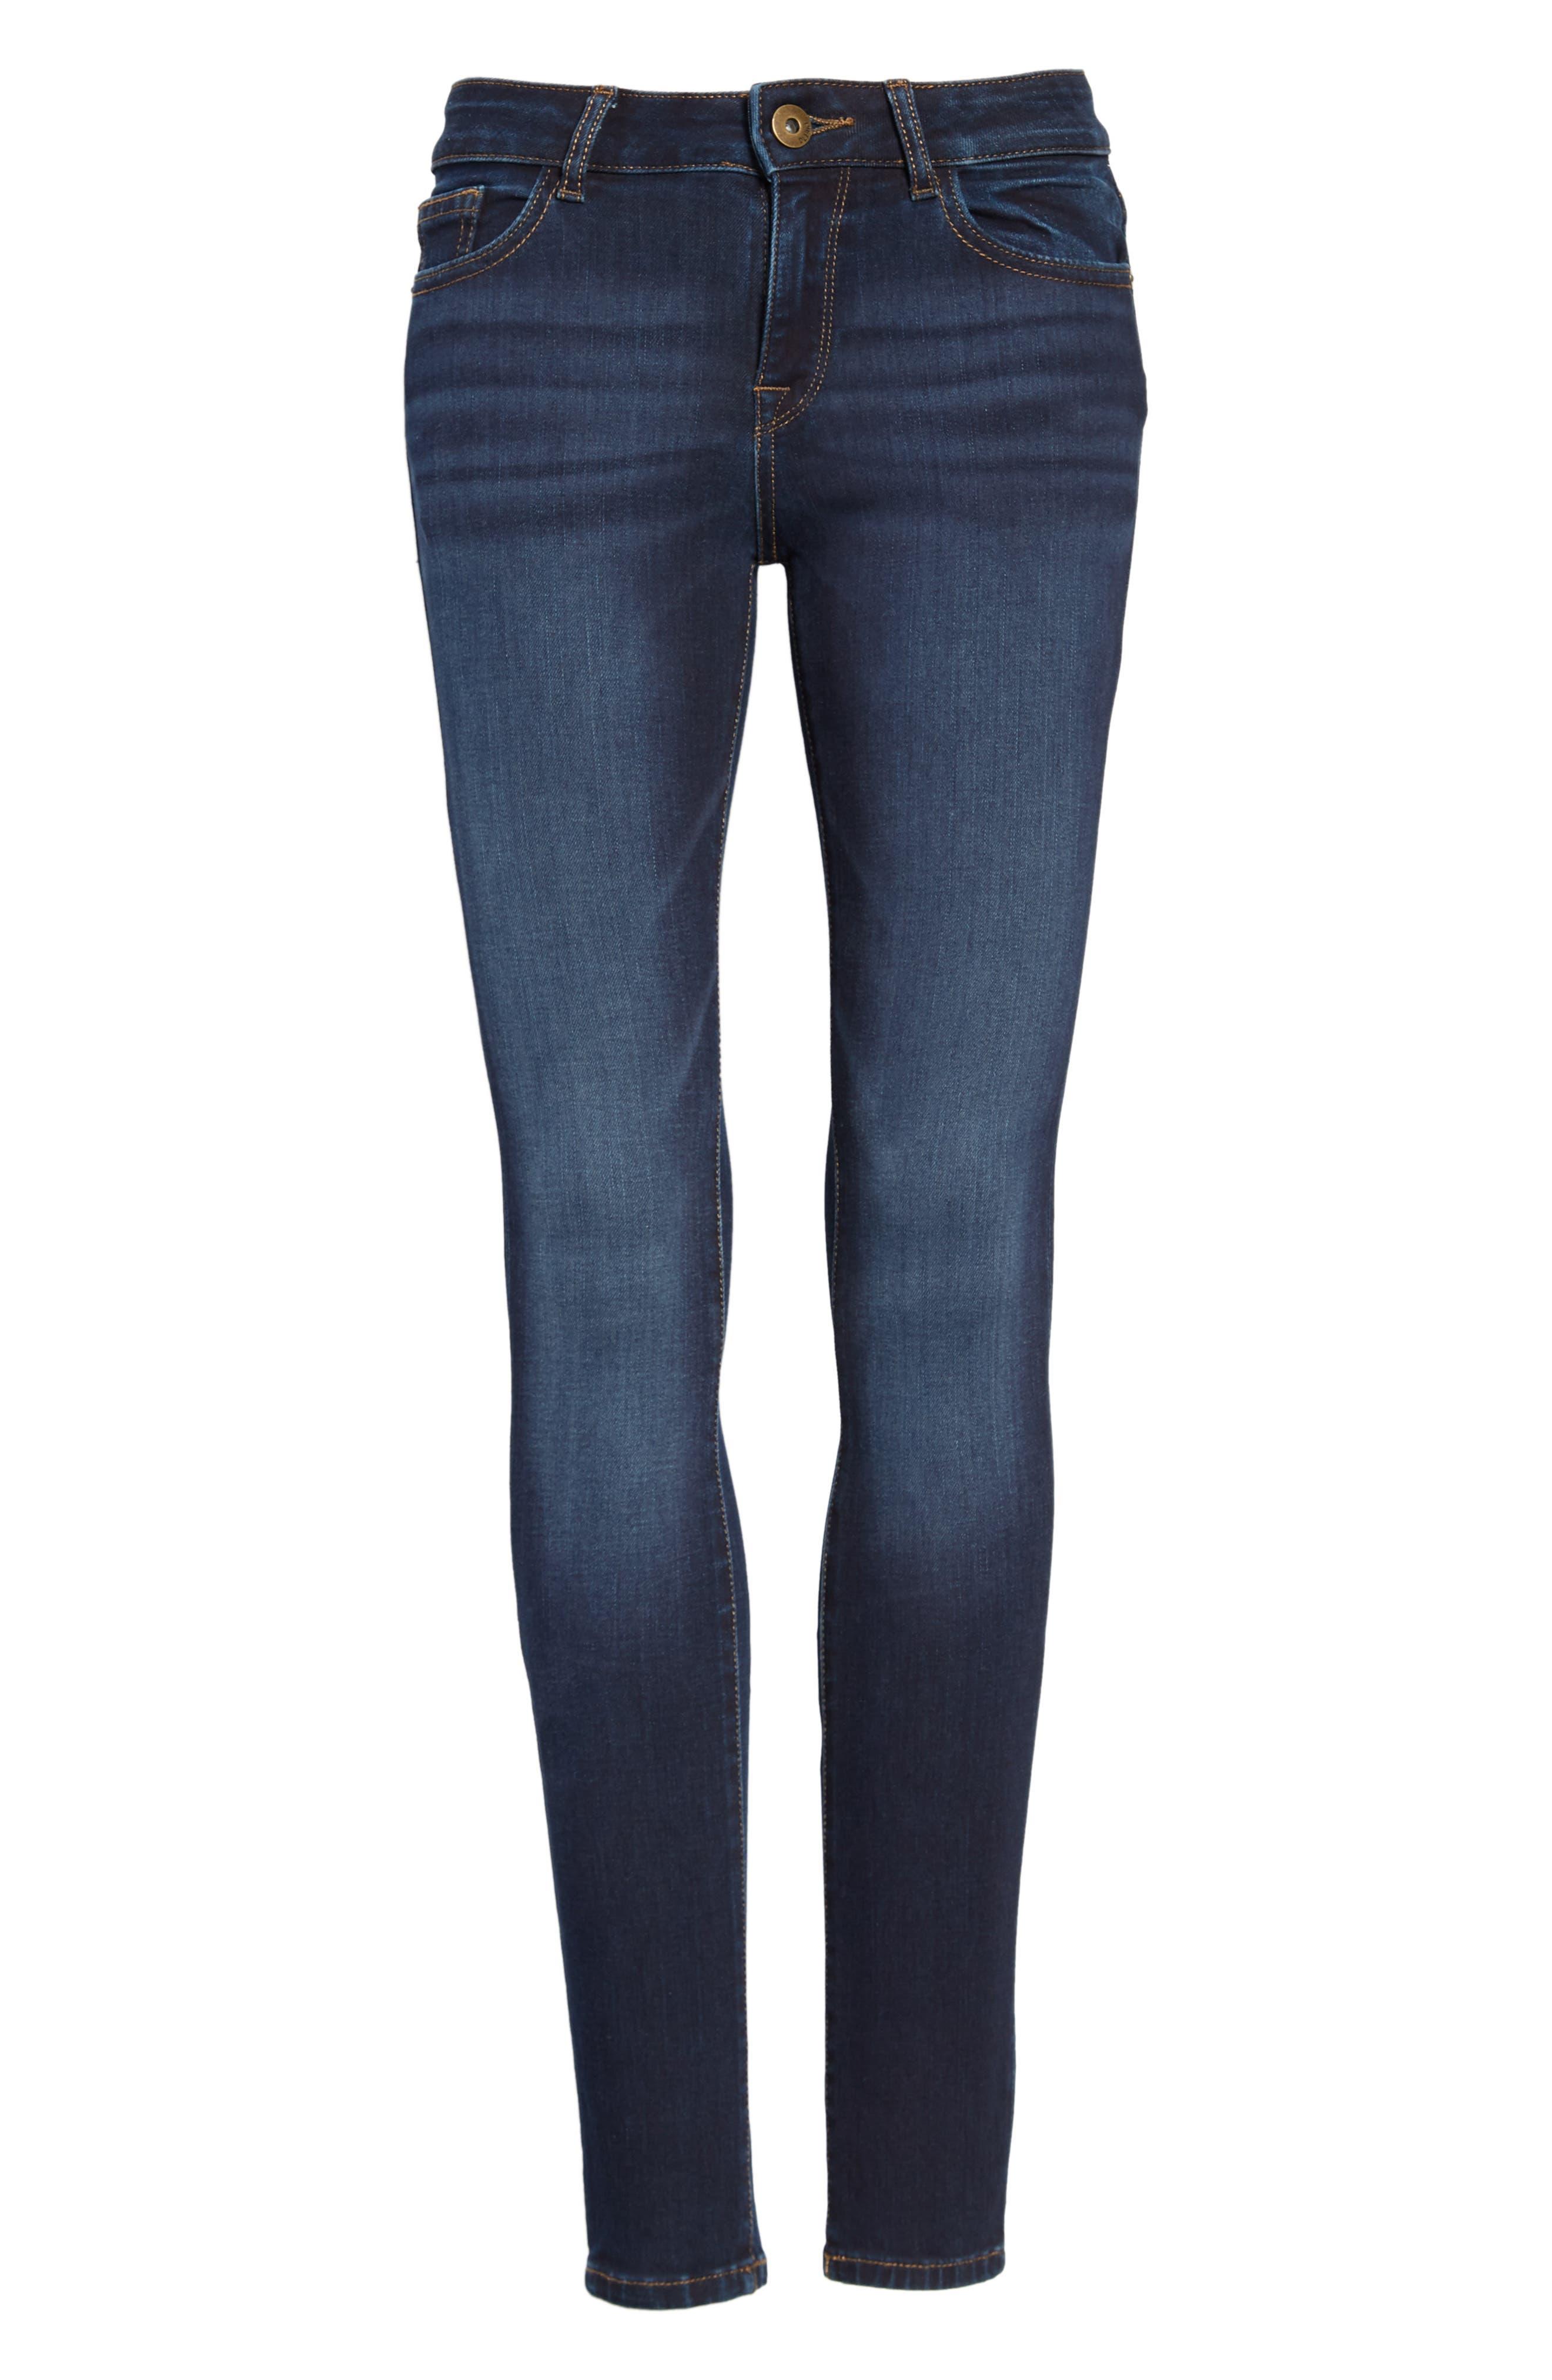 'Florence' Instasculpt Skinny Jeans,                             Alternate thumbnail 2, color,                             WARNER